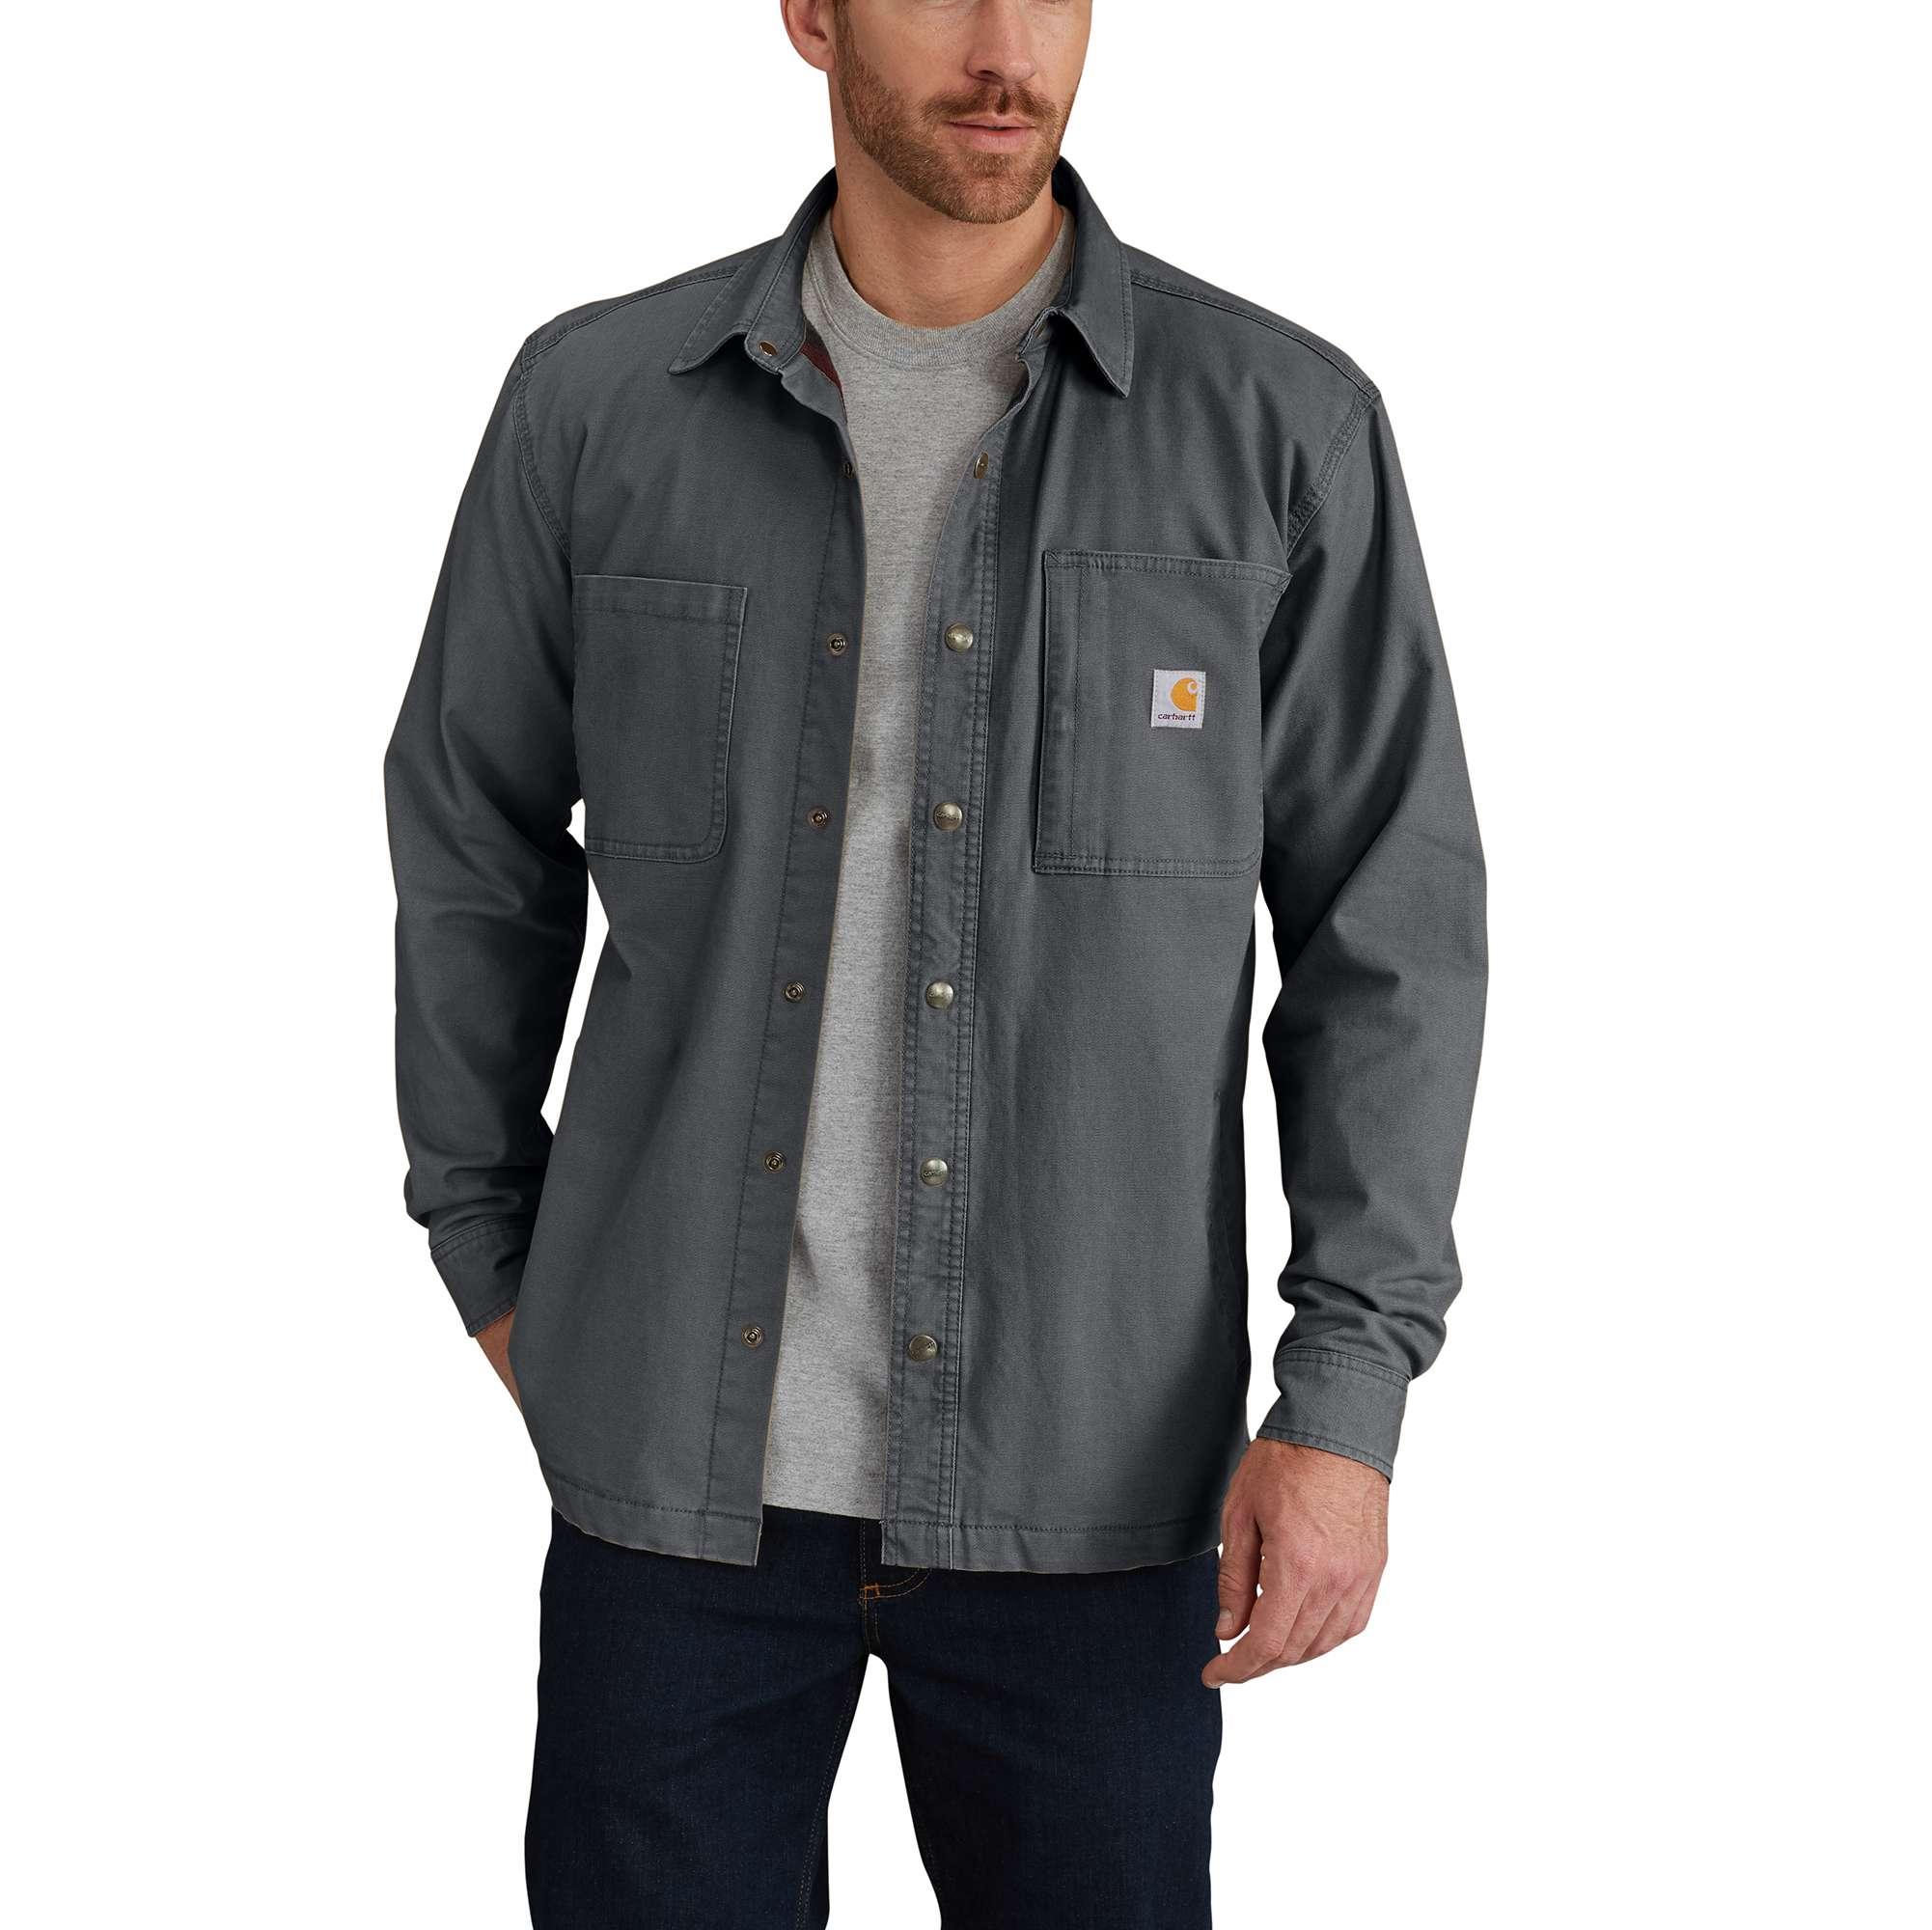 Carhartt Rugged Flex Rigby Shirt Jac/Fleece-Lined